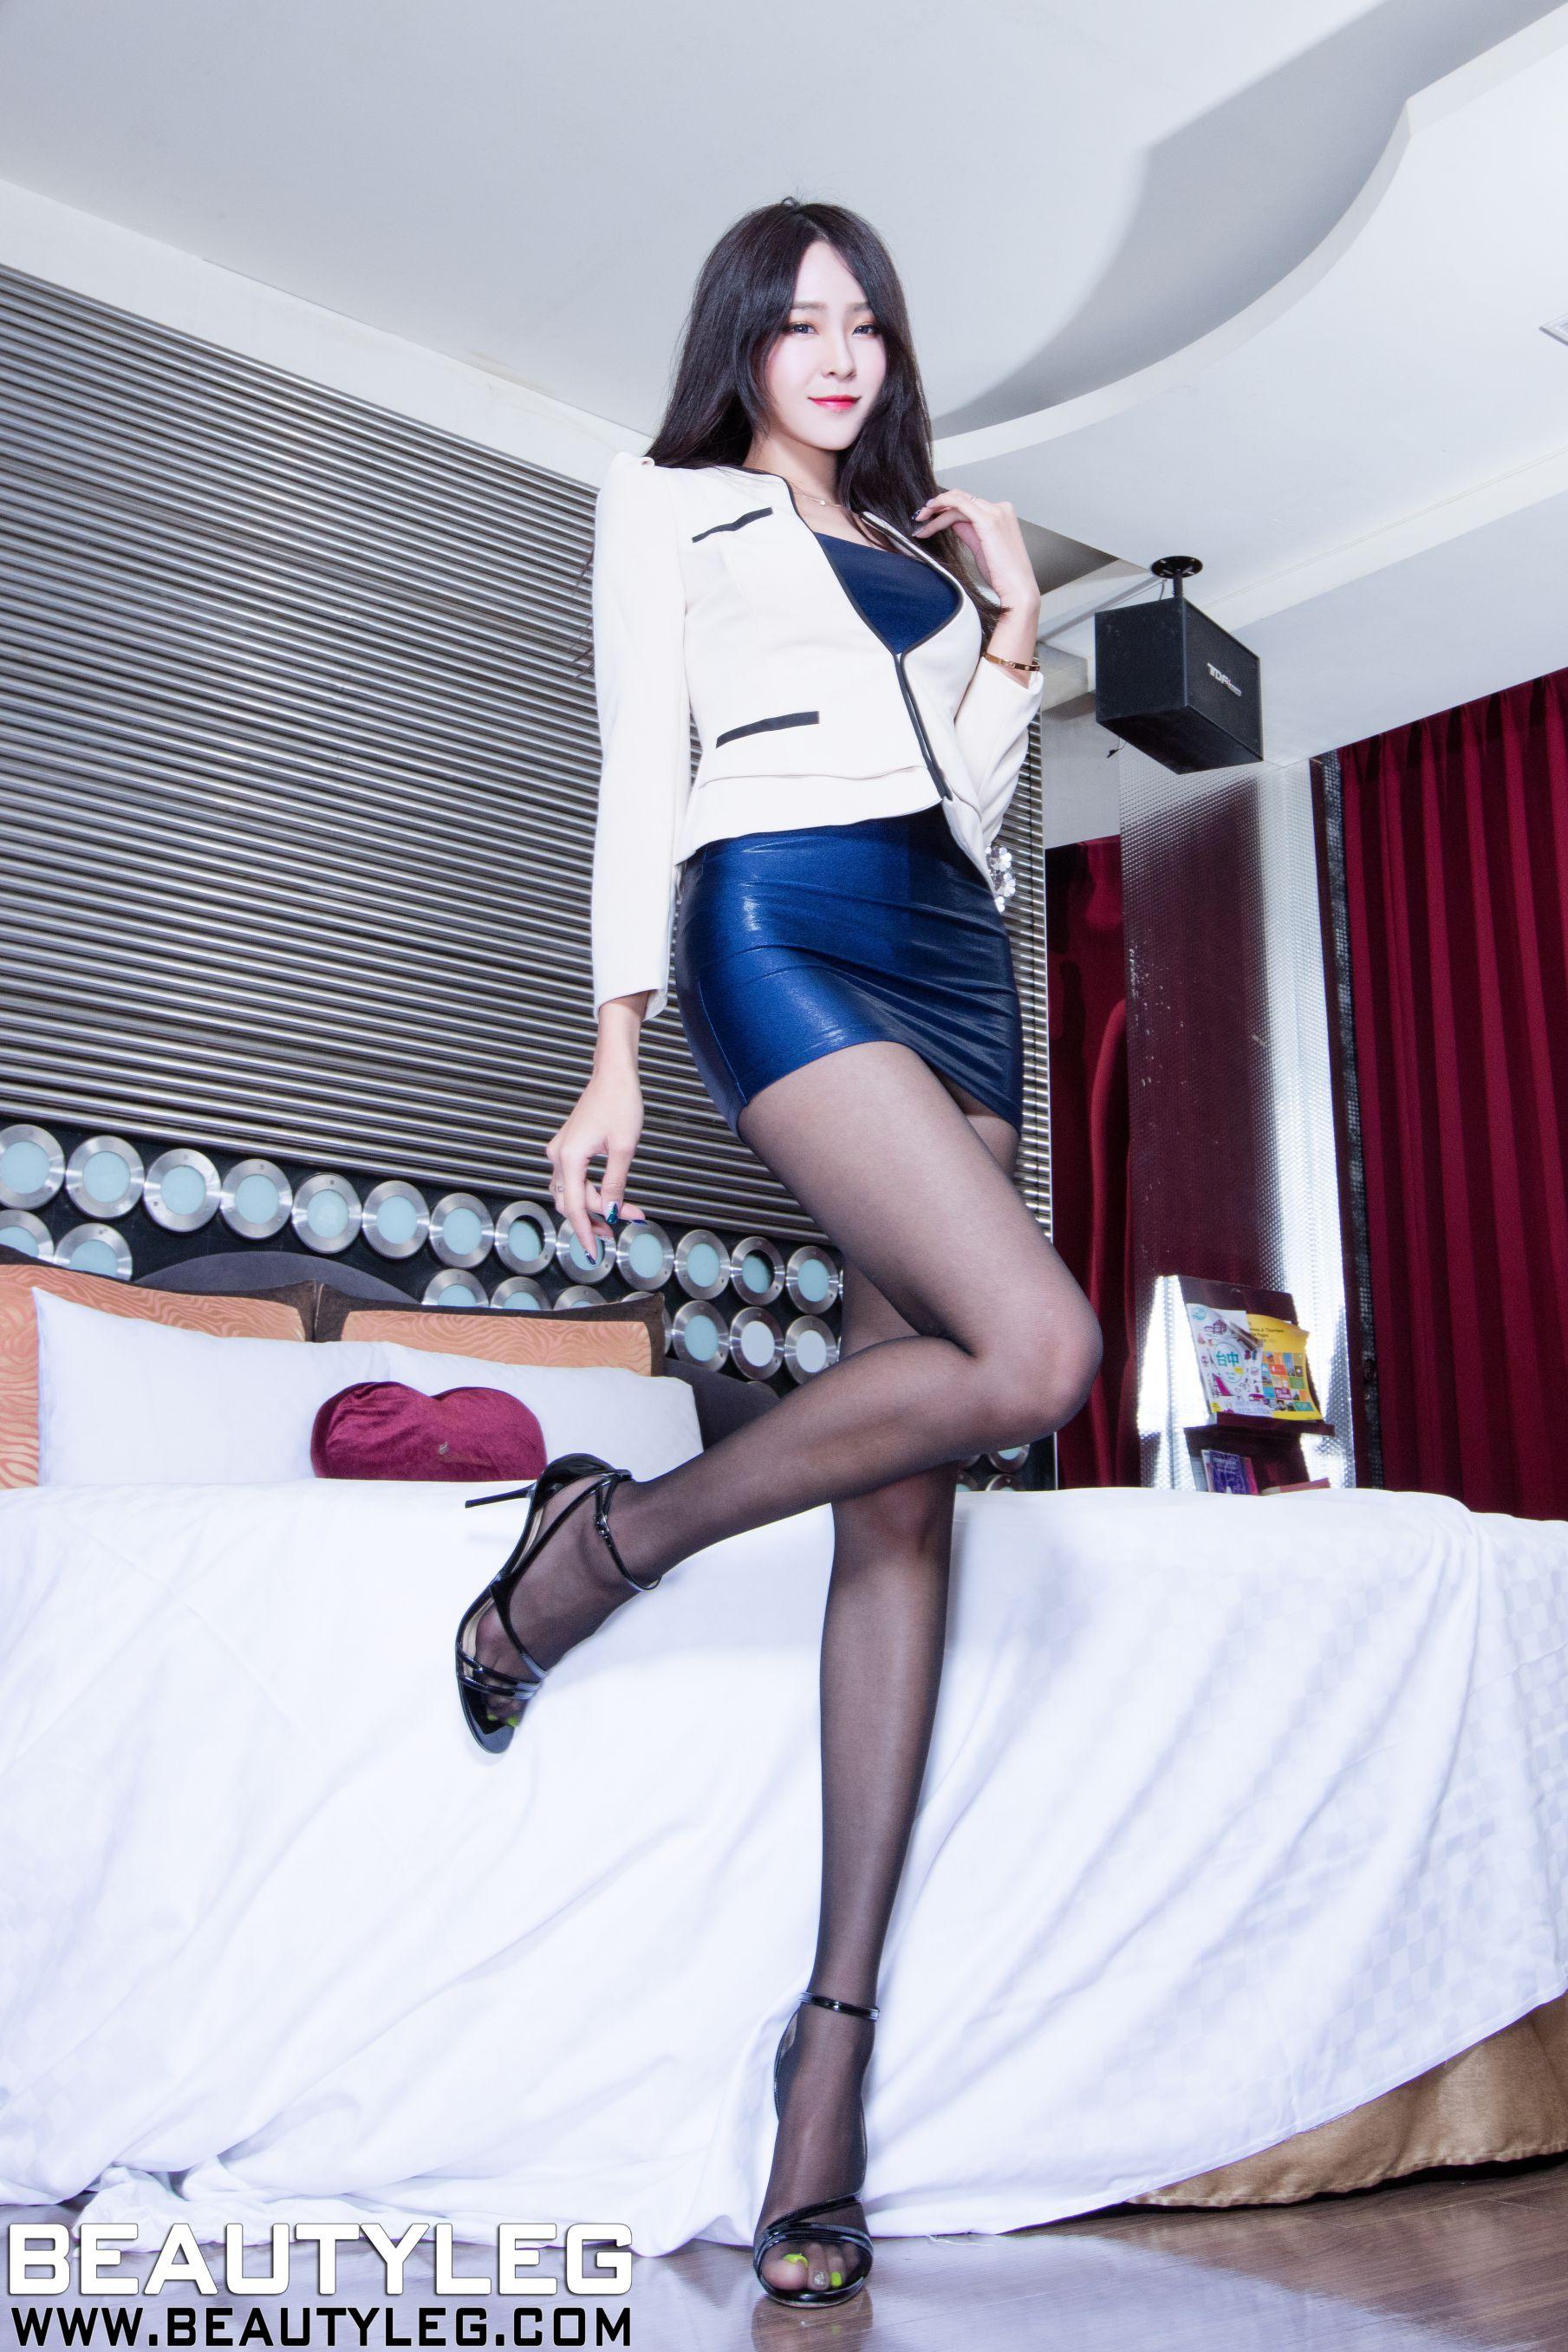 VOL.1941 [Beautyleg]丝袜美腿丝袜制服:Winnie小雪(庄咏惠,庄温妮,腿模Winnie)高品质写真套图(38P)